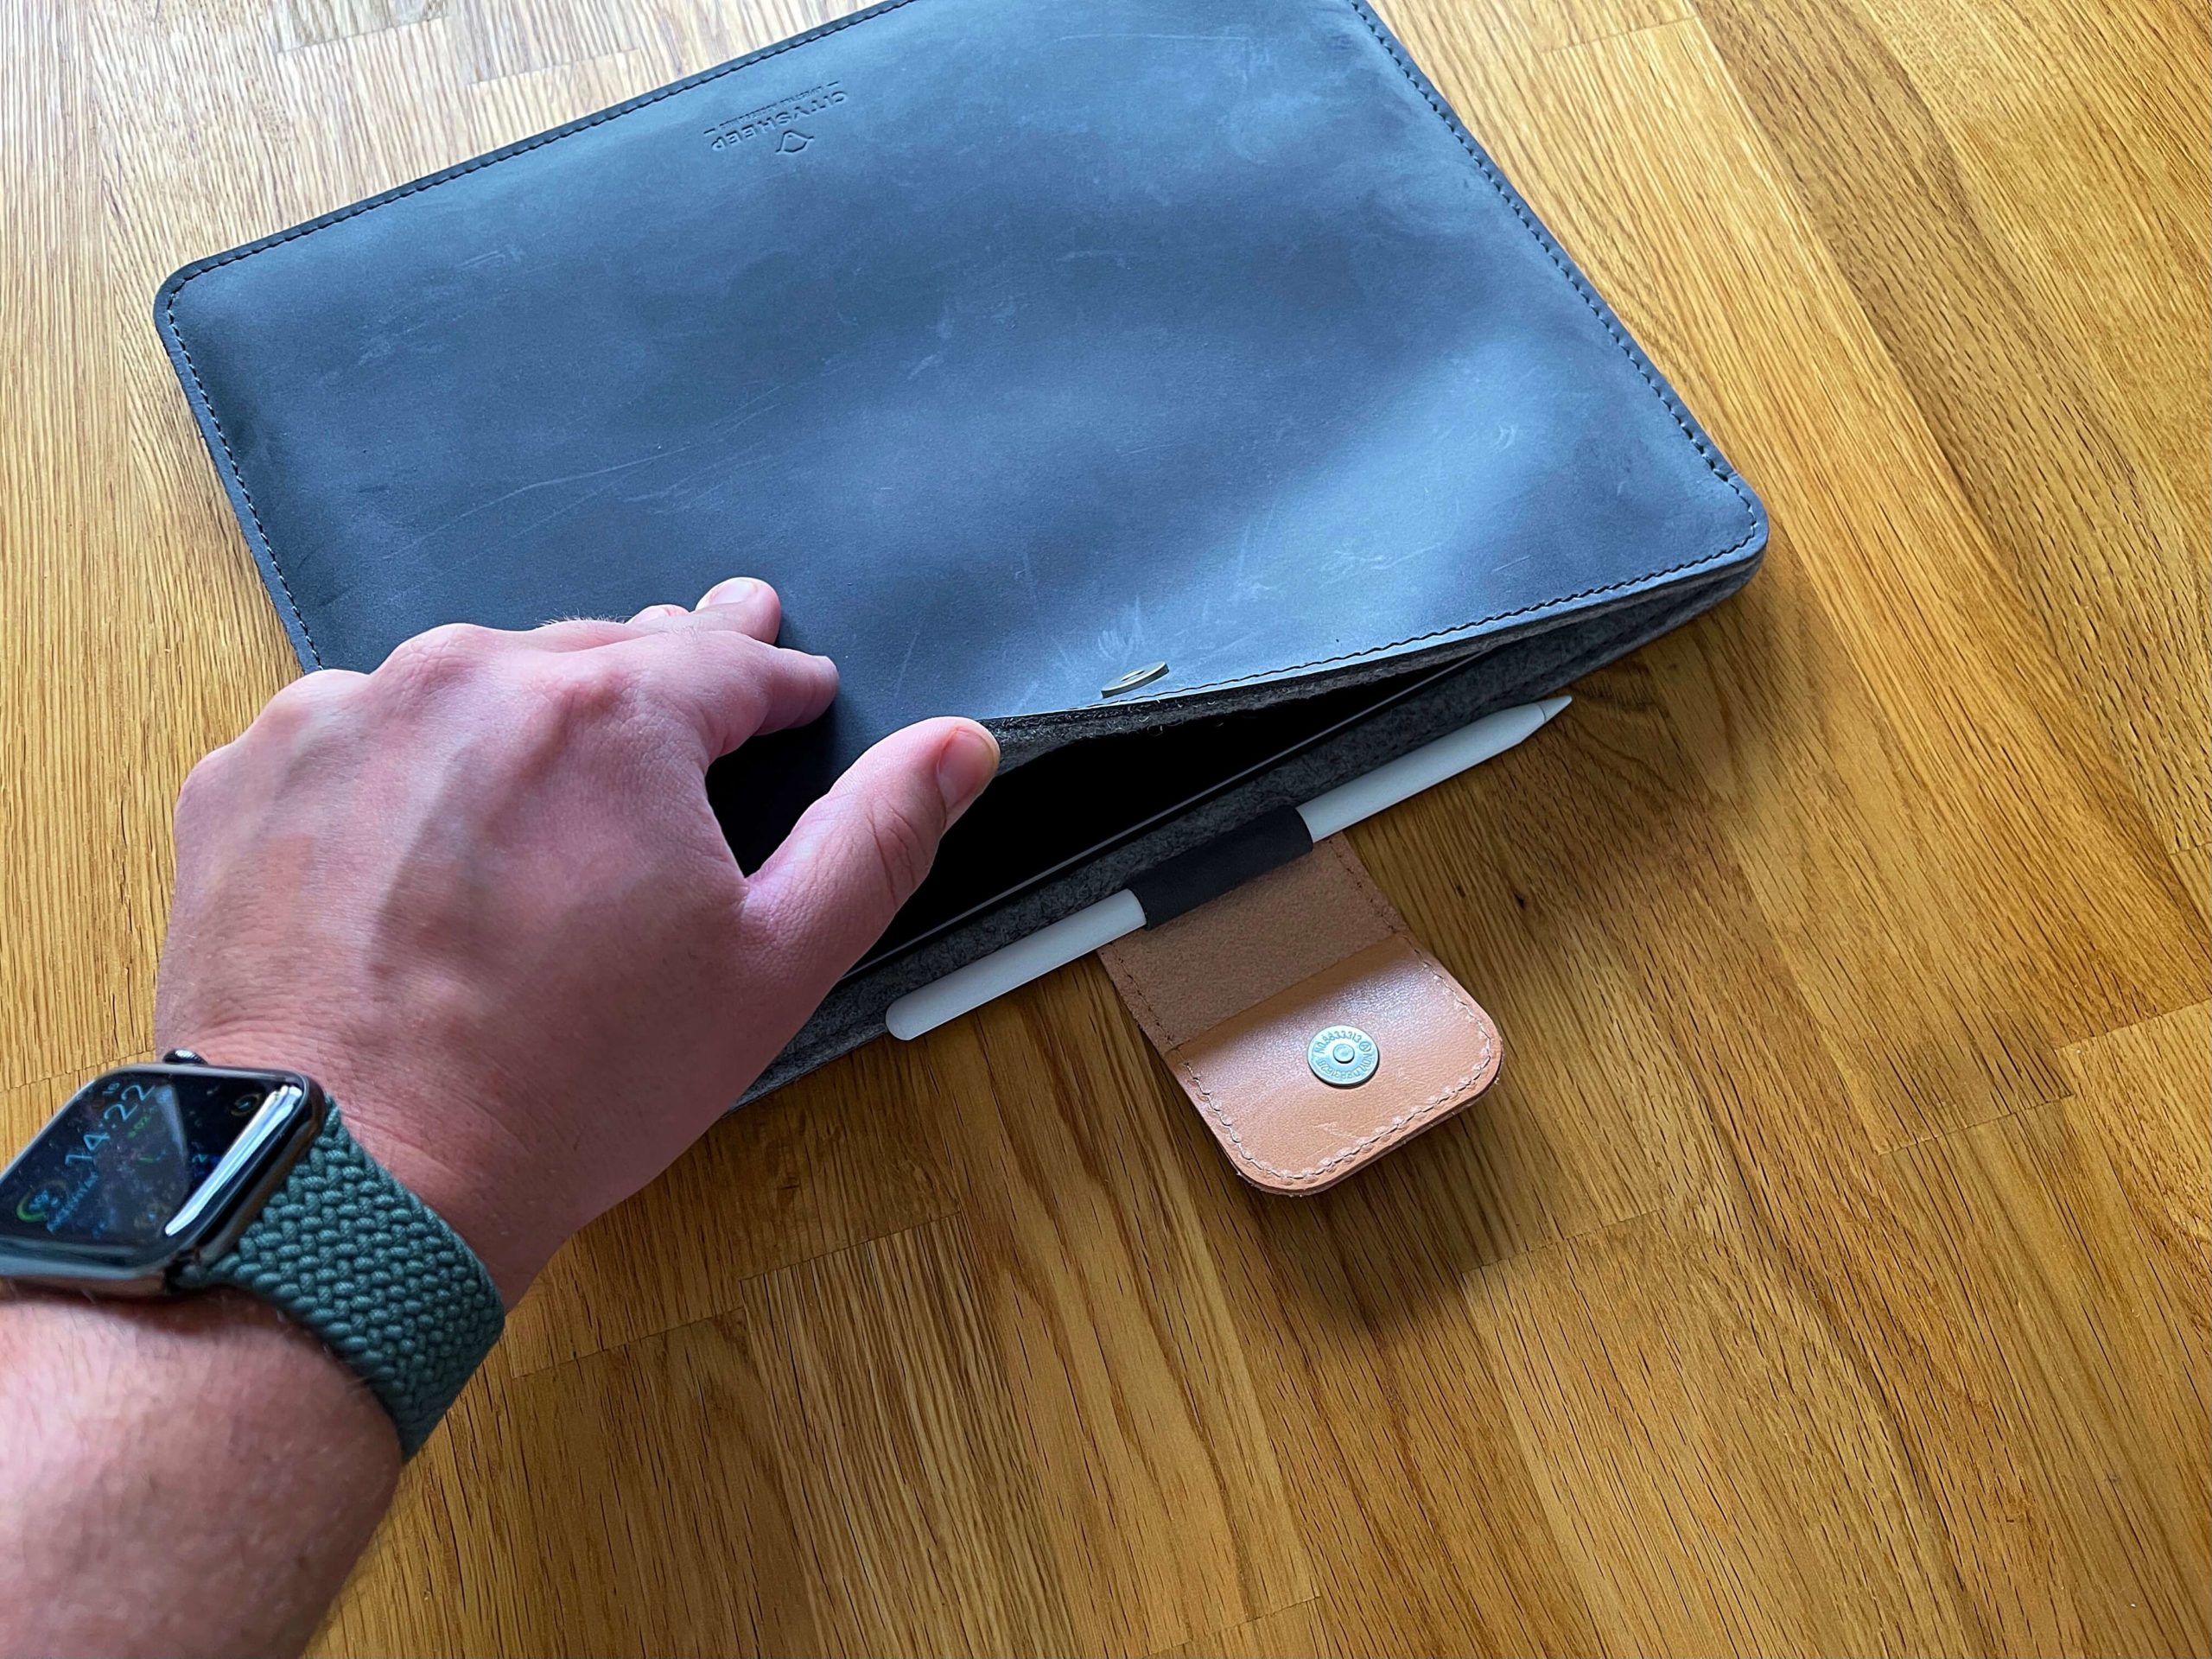 Ledertasche-mit-Filzfuetterung-und-Apple-Pencil-Halterung-von-Citysheep2-scaled Ledertasche mit Filzfütterung und Apple Pencil Halterung für das iPad von Citysheep